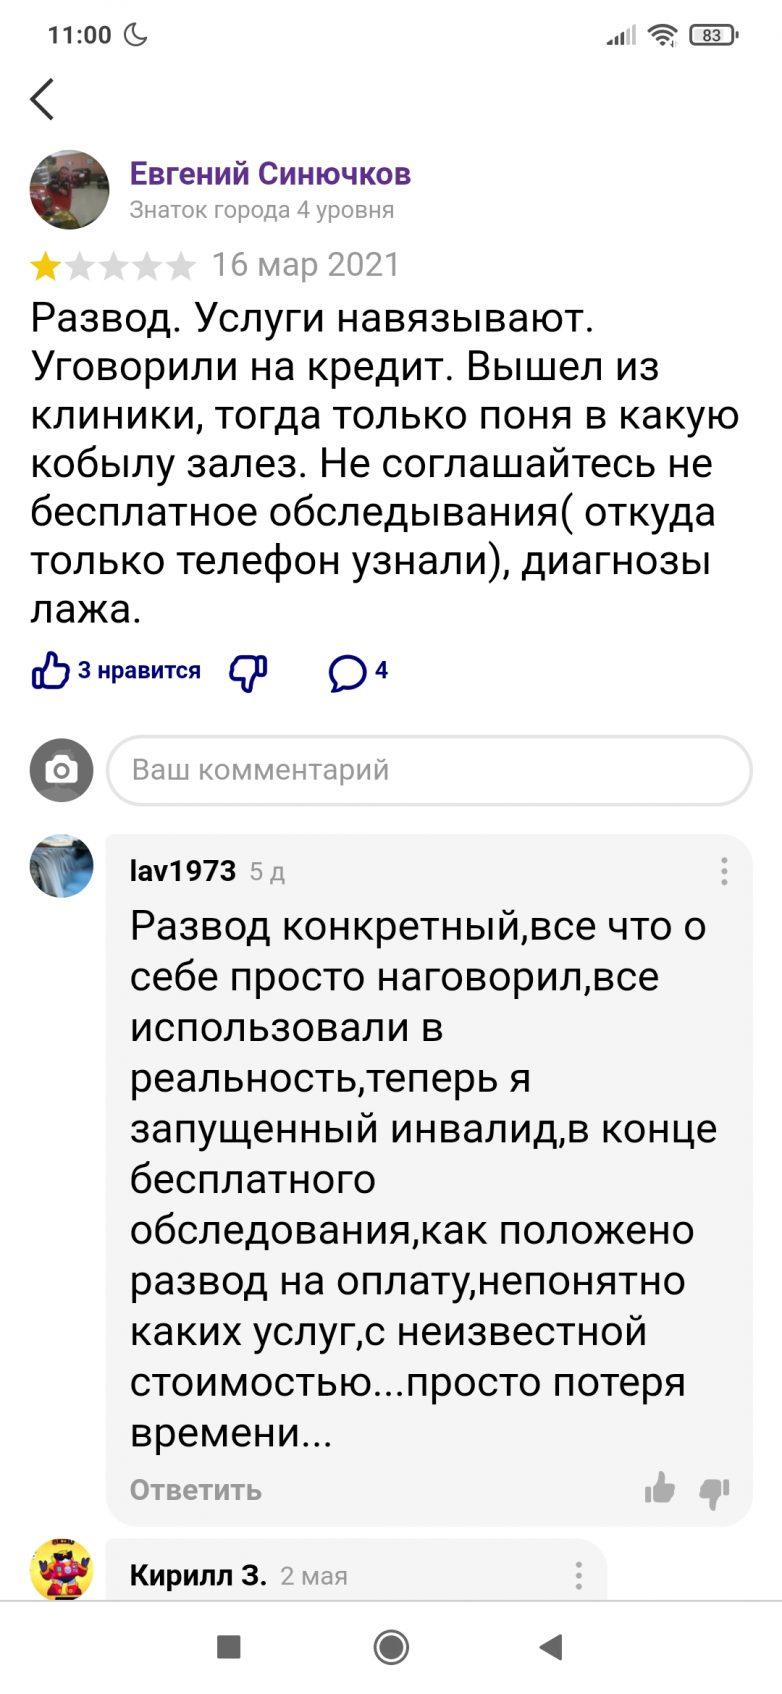 Вход бесплатно, выход — сто тысяч: как россияне попадают в кабалу «медцентров»